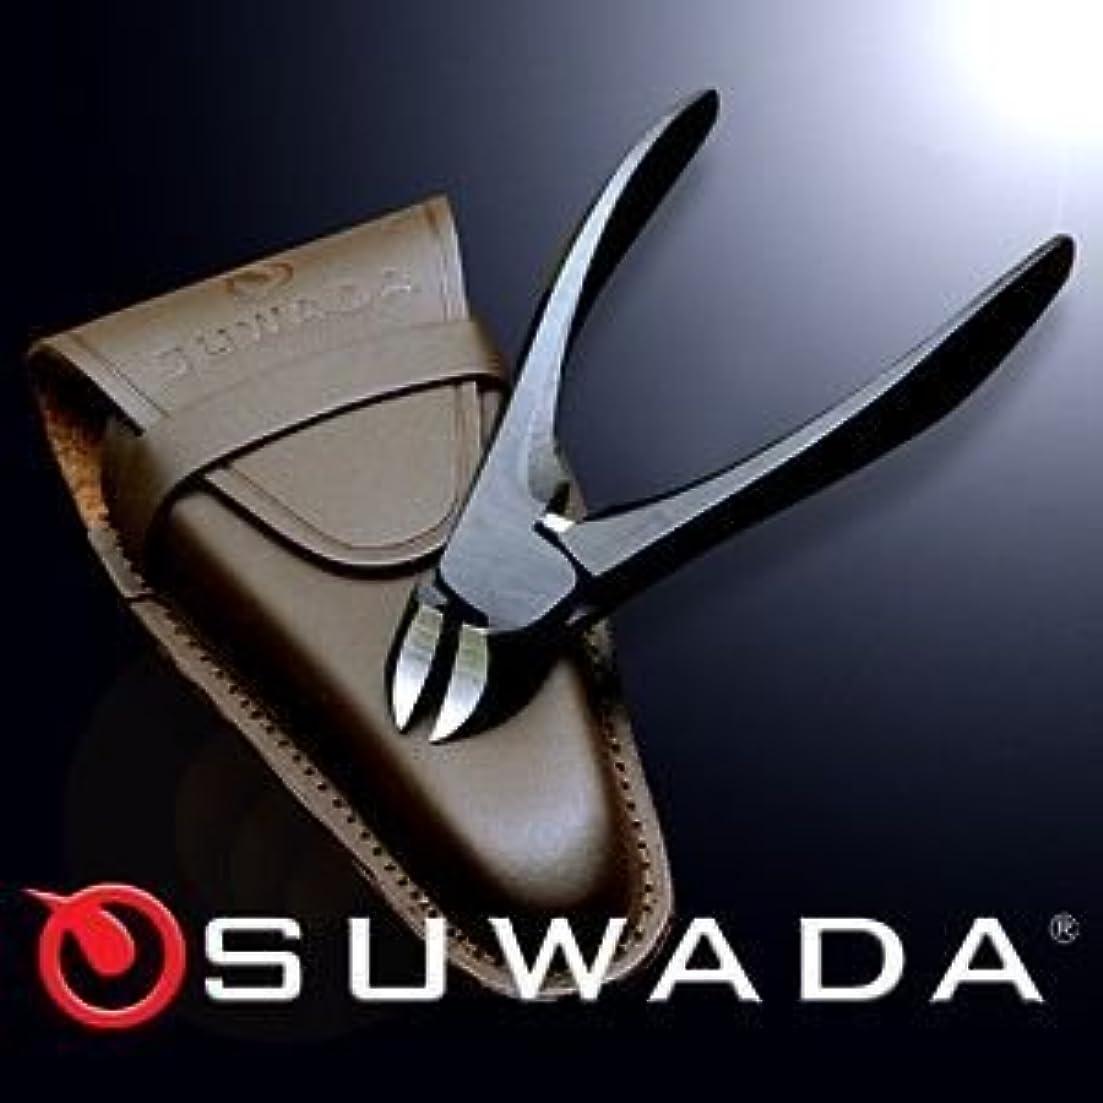 デザイナー宣言より良いSUWADA爪切りブラックL&革ケースセット 特注モデル 諏訪田製作所製 スワダの爪切り